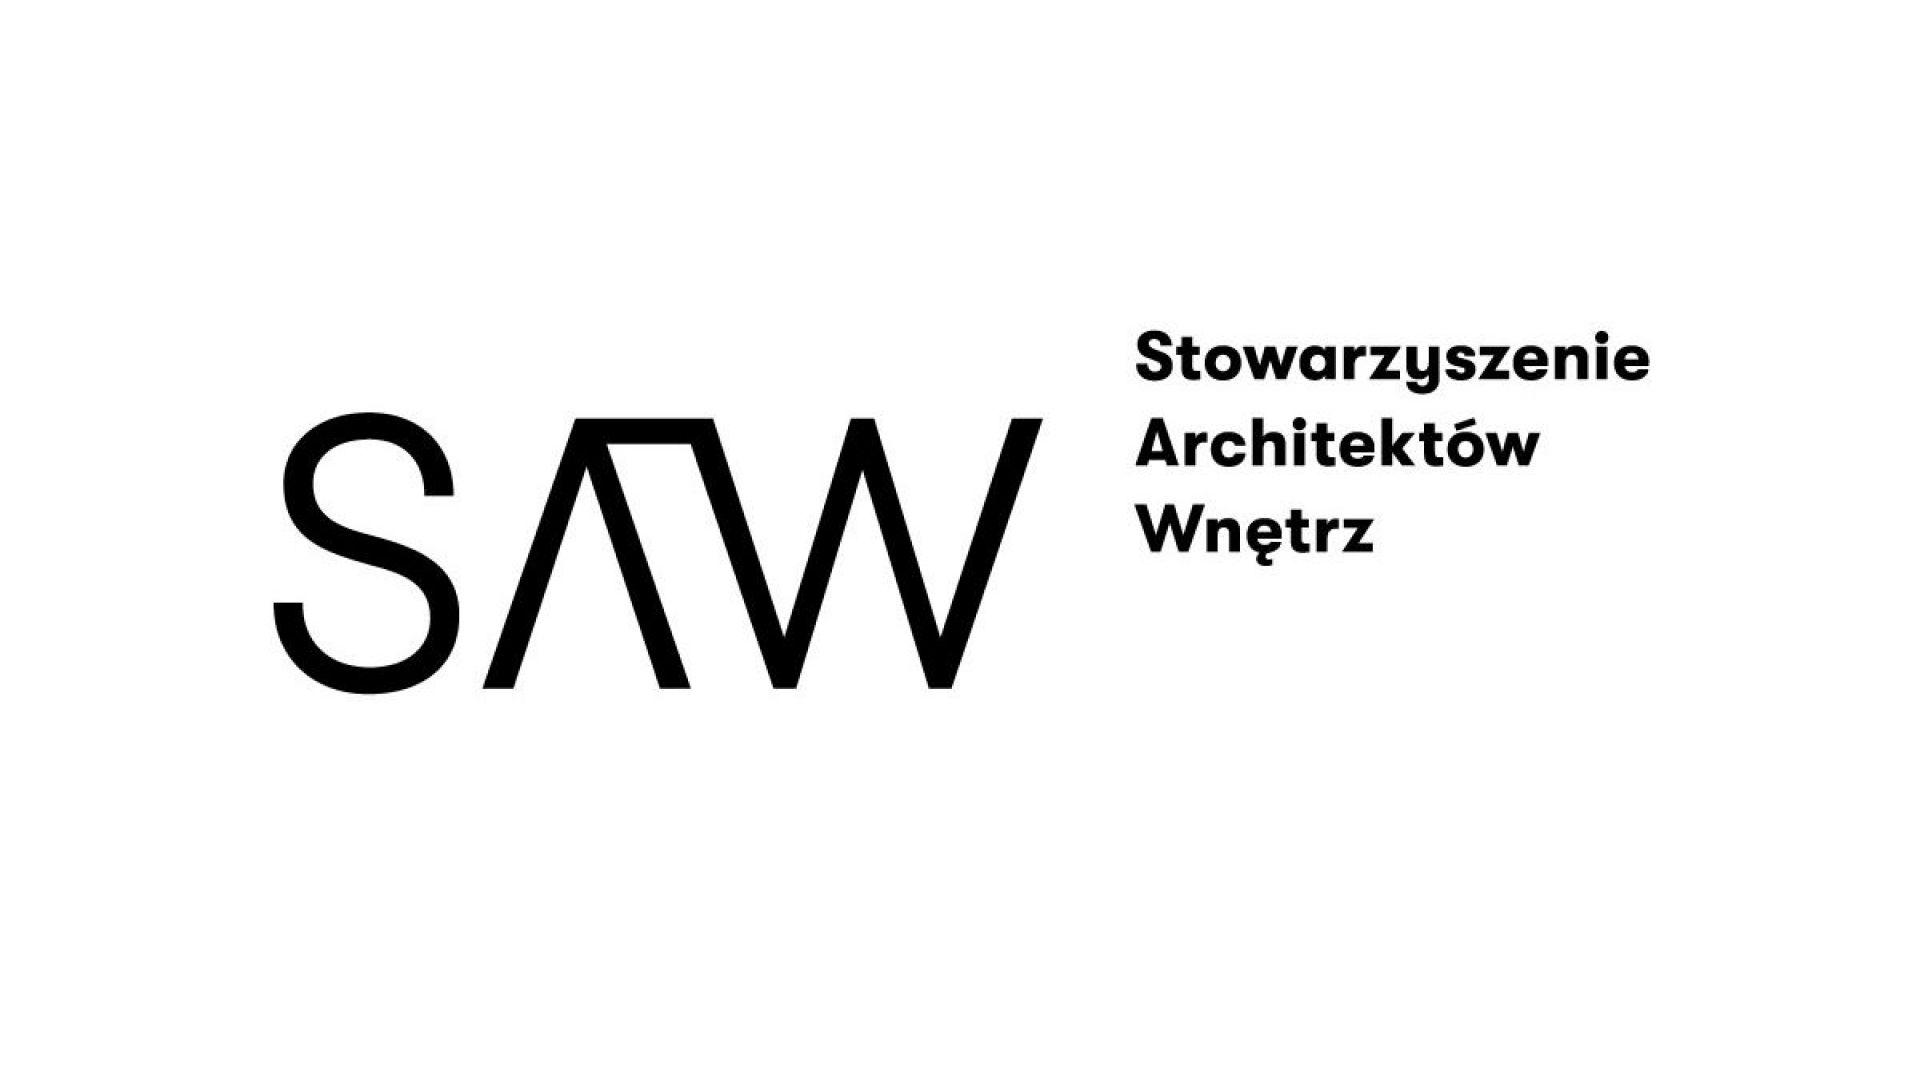 Znalezione obrazy dla zapytania stowarzyszenie architektów wnętrz logo